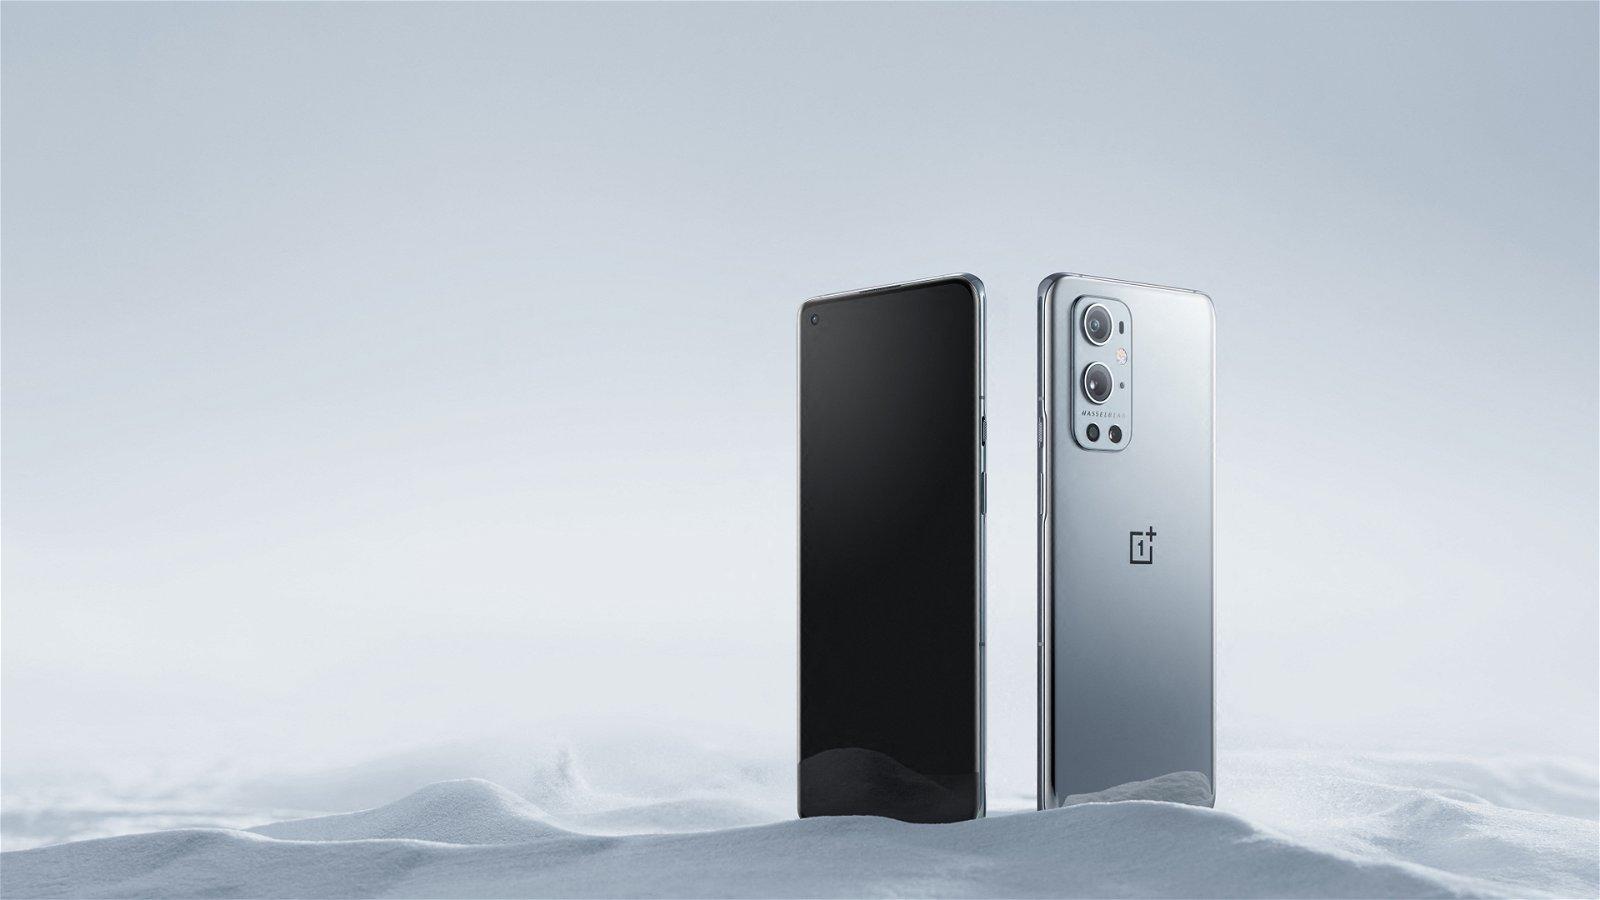 New OnePlus 9 Series Smartphones Launch 4